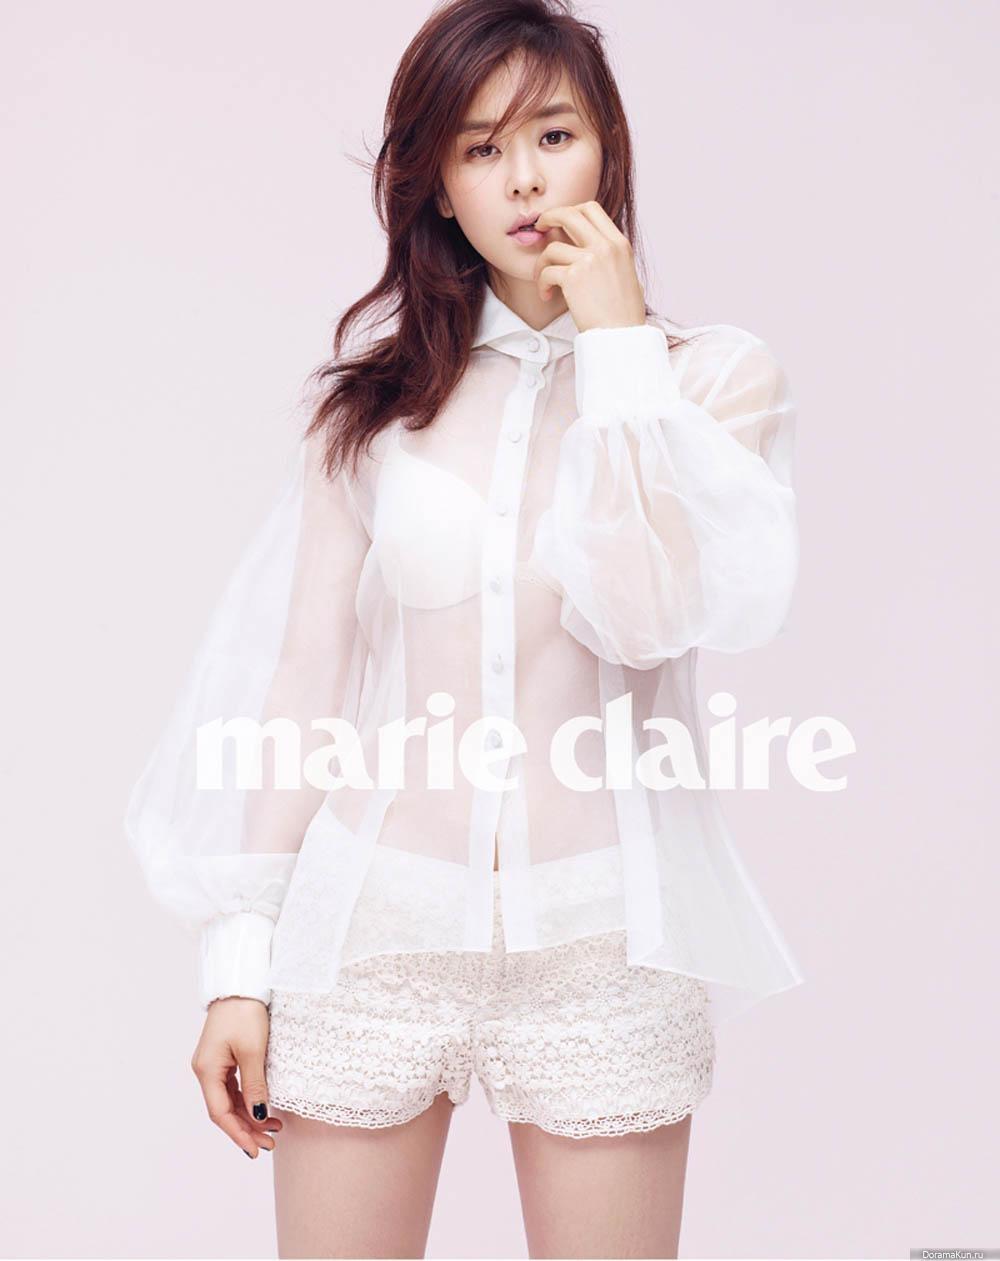 Kang-hee Choi Net Worth